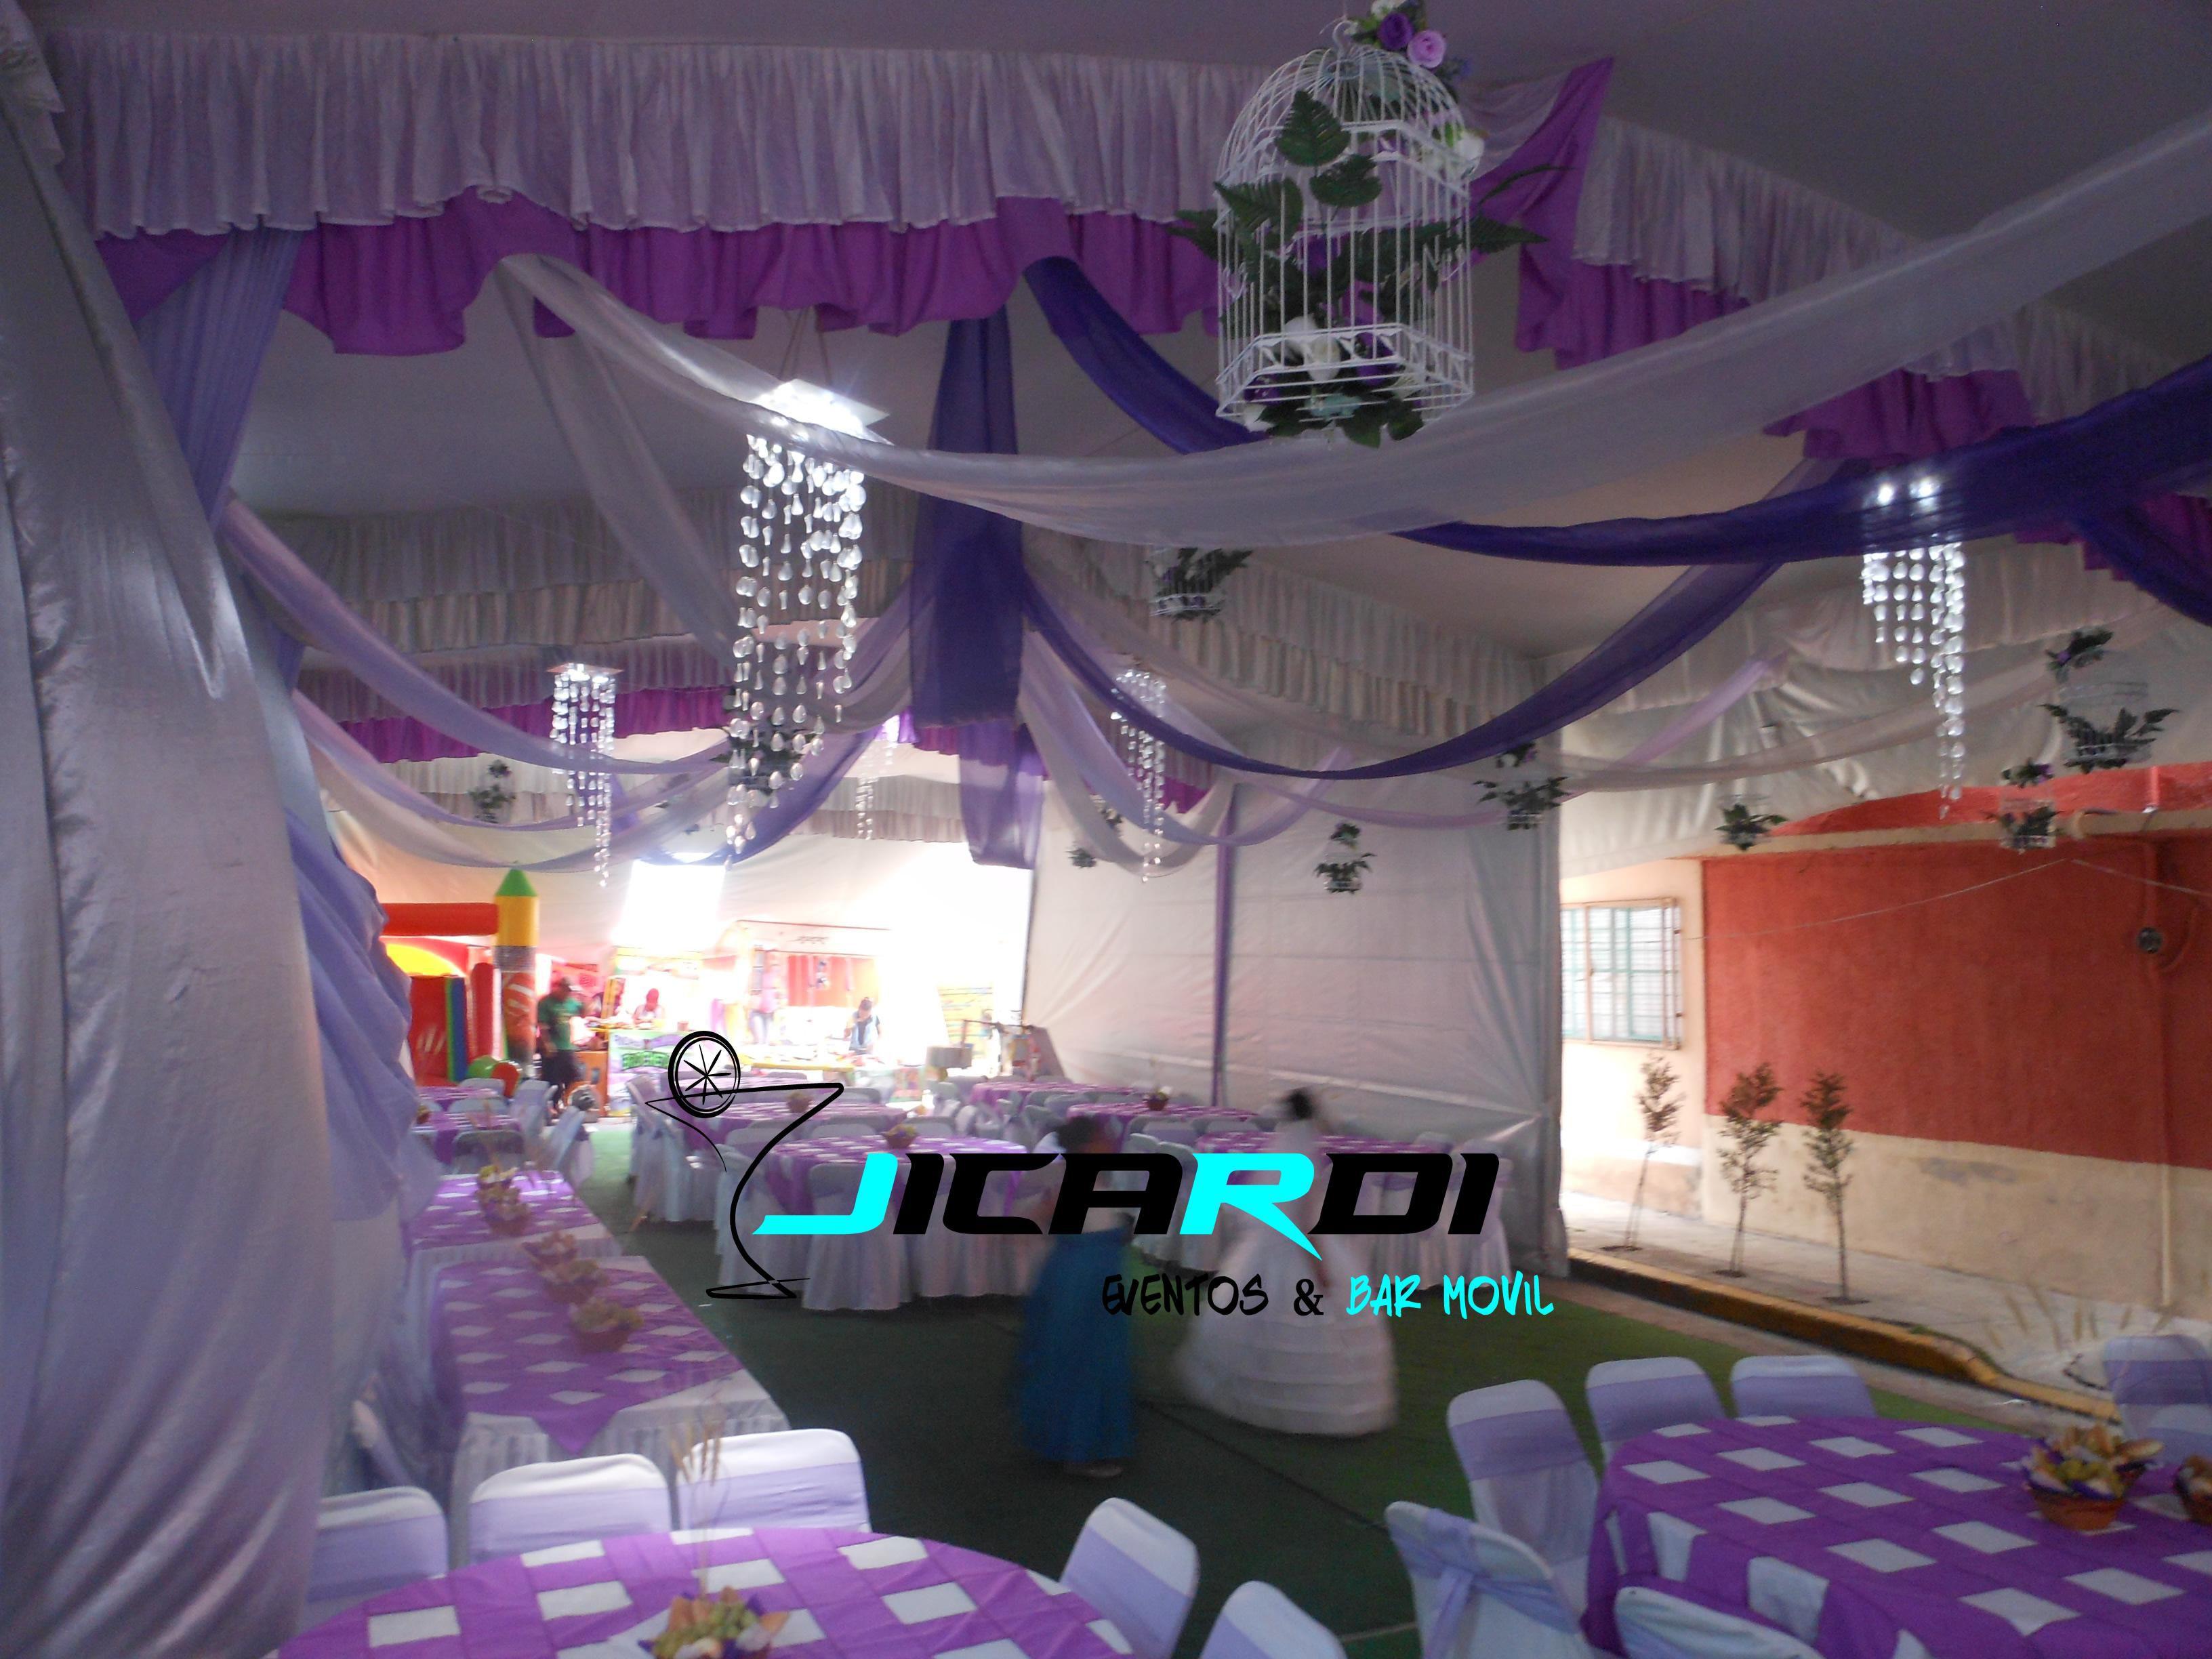 Banquetes Y Carpas En Neza Anunciosgratis Mx # Muebles Nezahualcoyotl